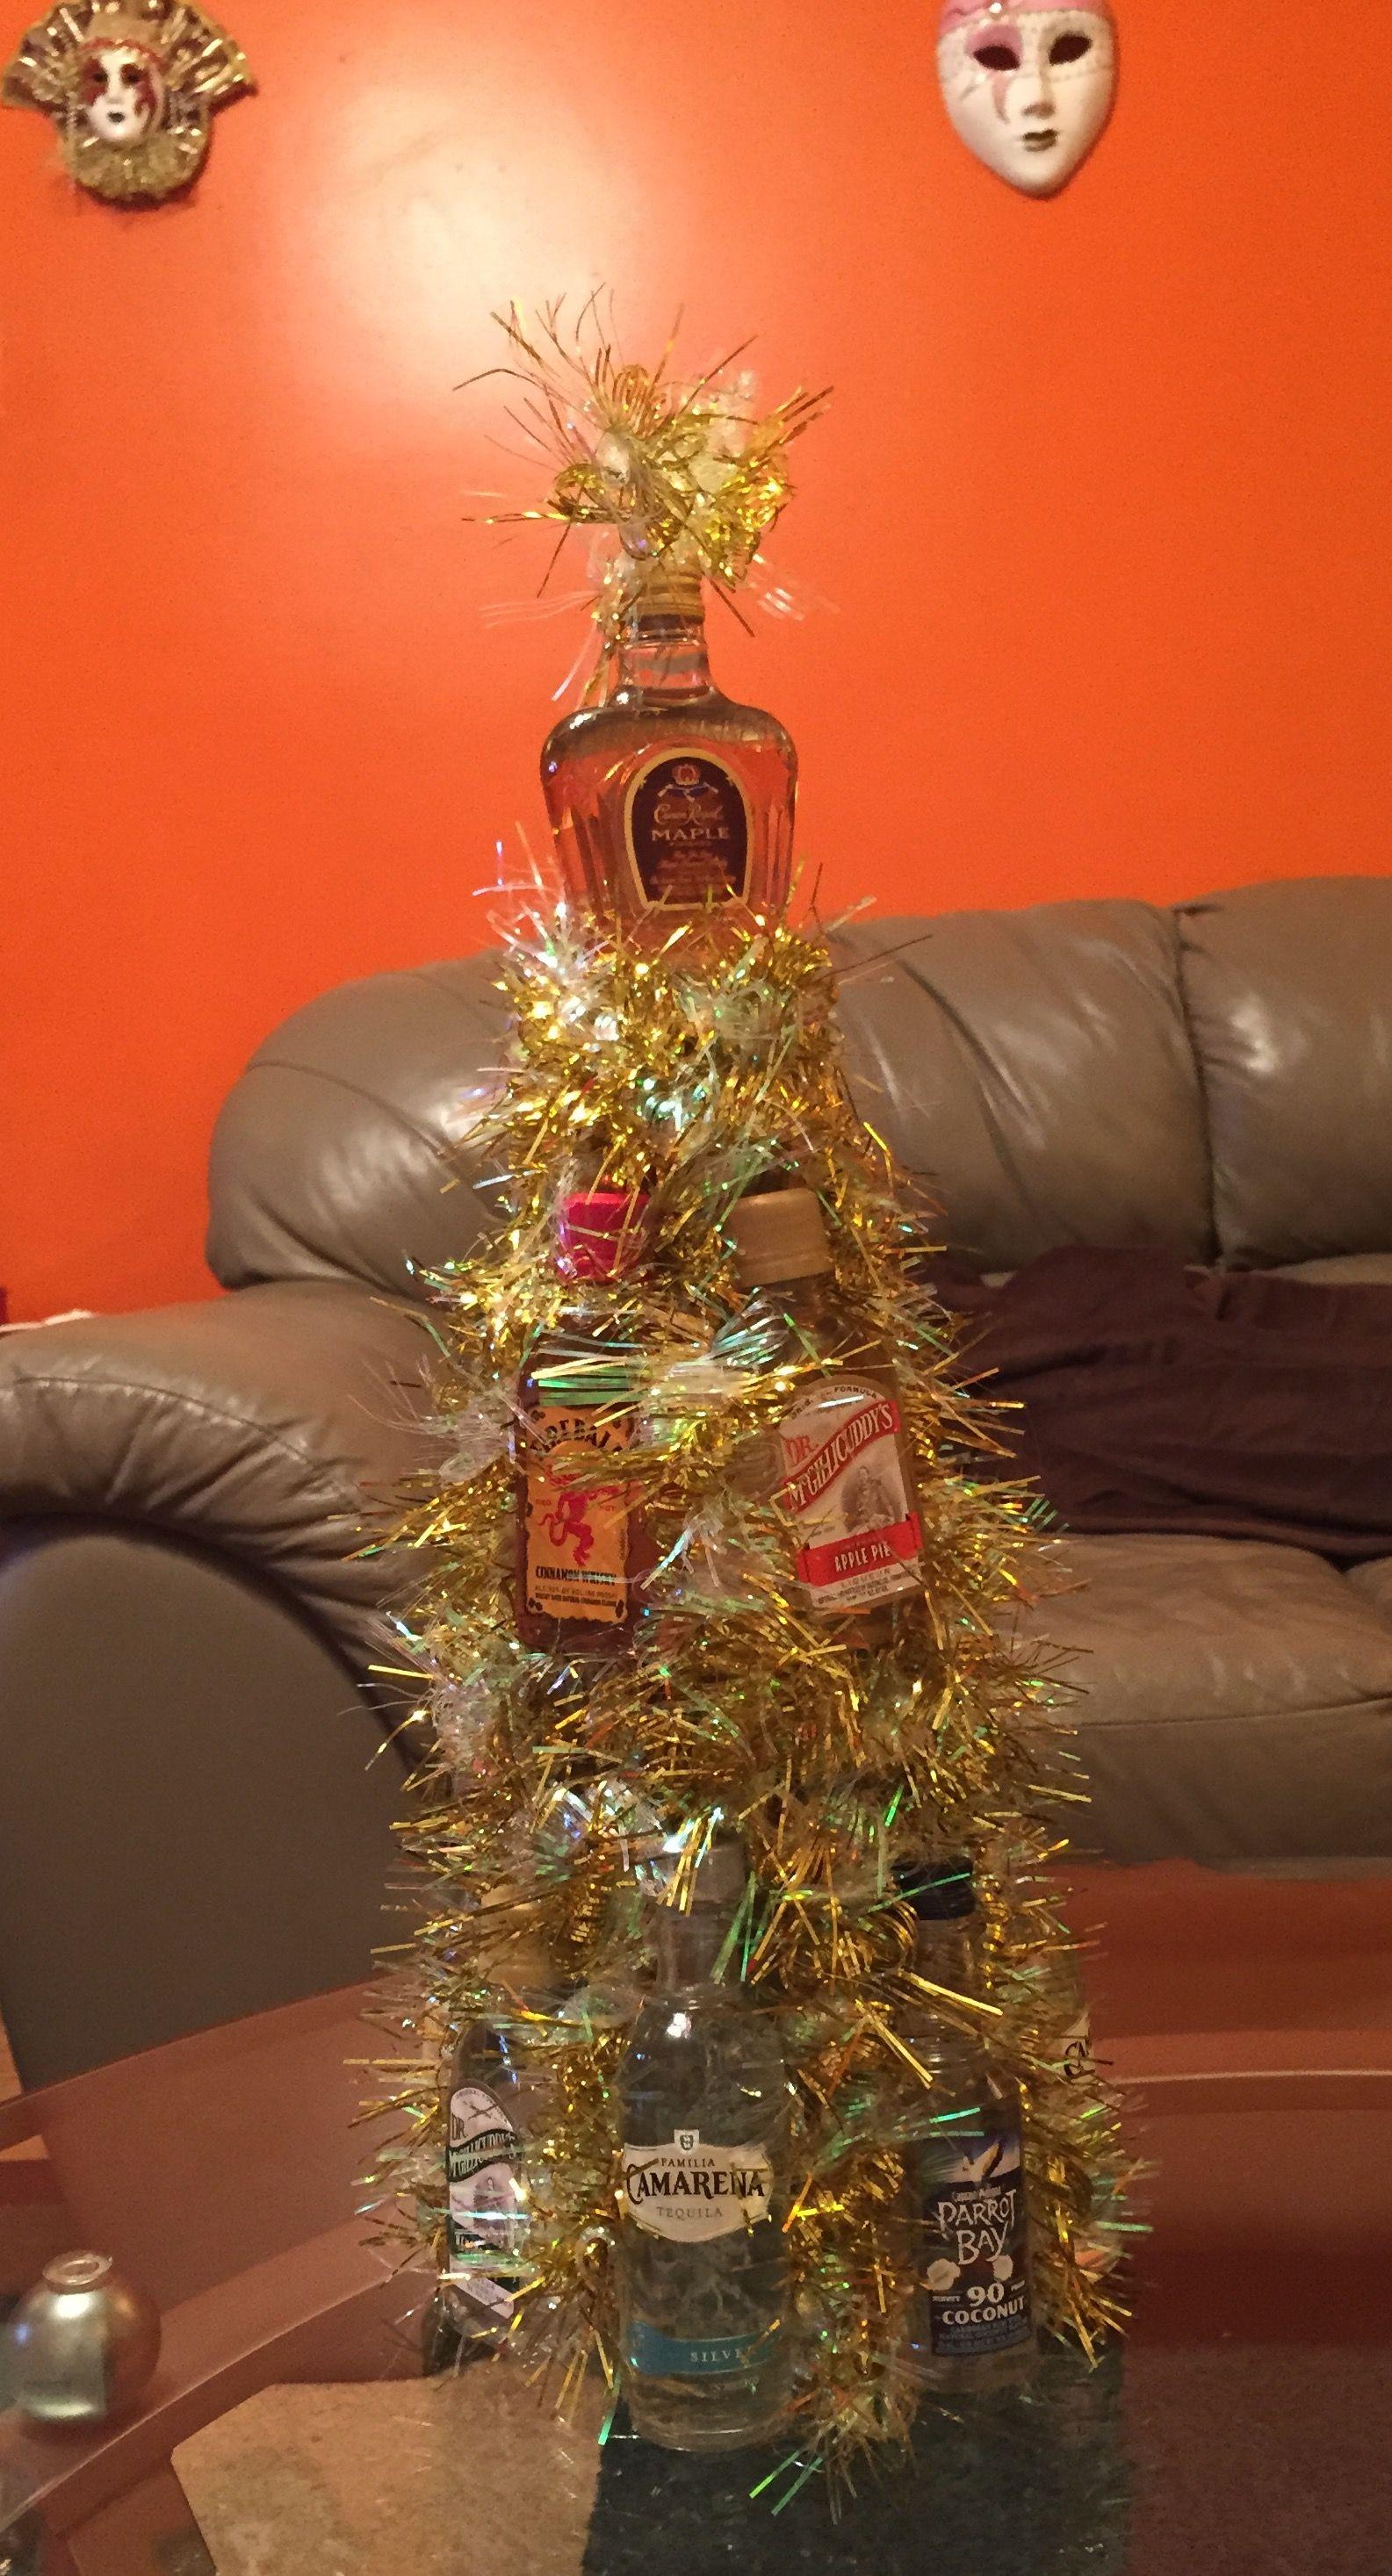 Nip Christmas Tree! Great for Yankee Swaps! 13 nips, 1 styrofoam ...